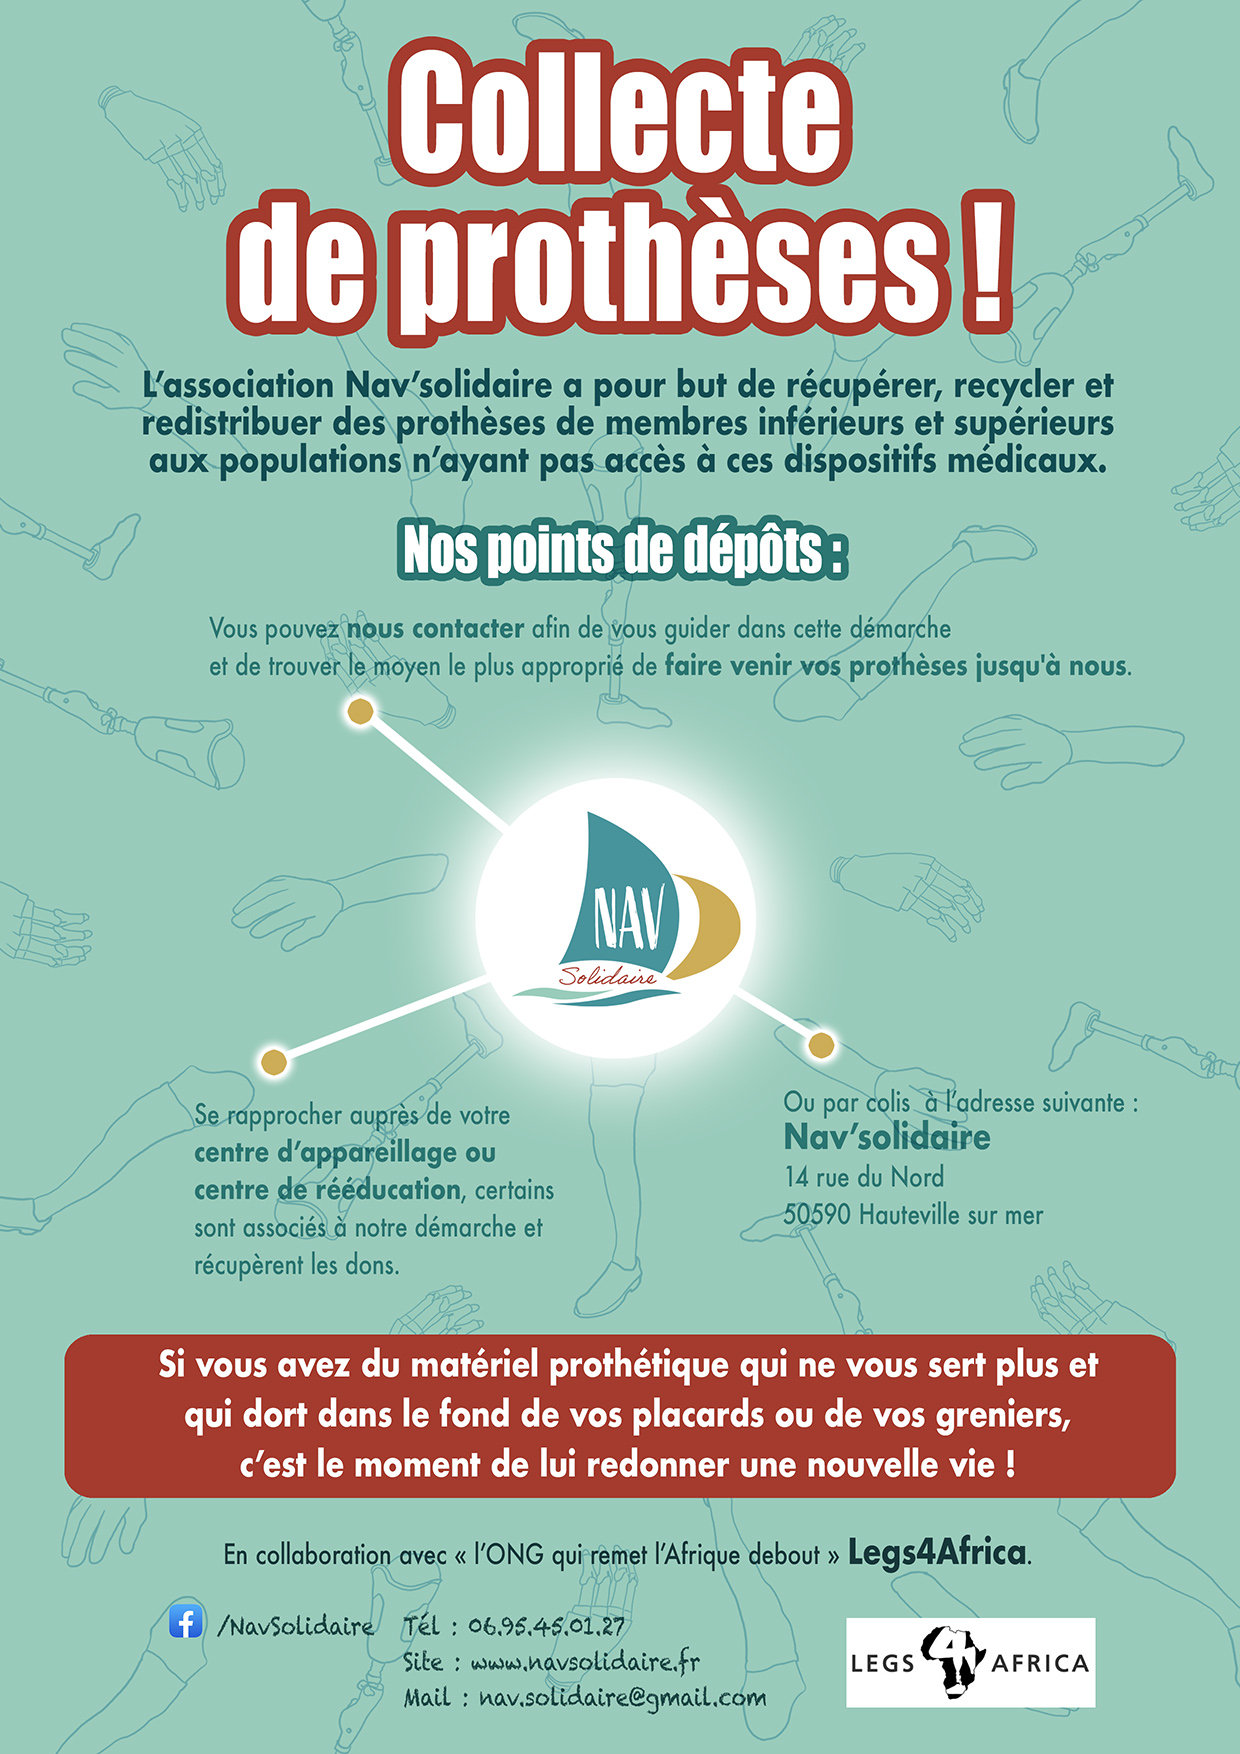 Affiche collecte de prothèses